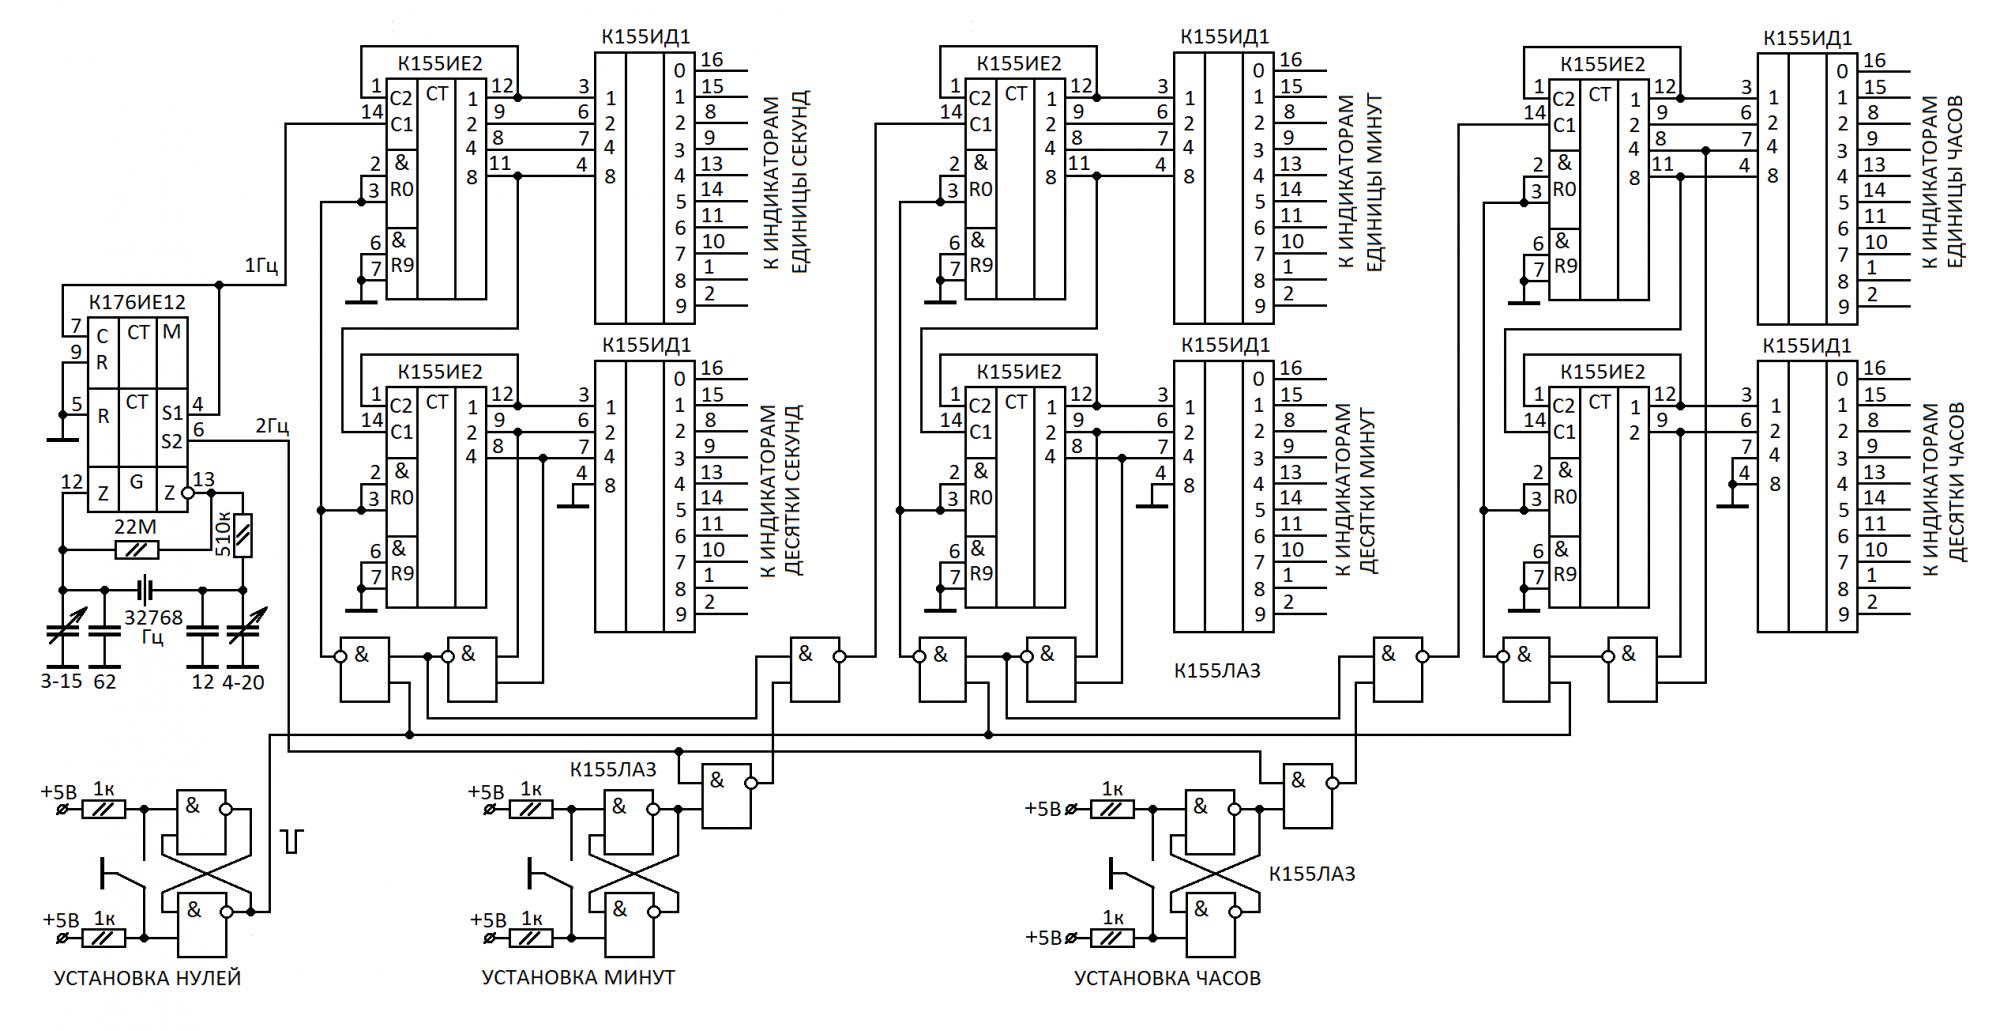 Схема часов на газоразрядных индикаторах фото 799